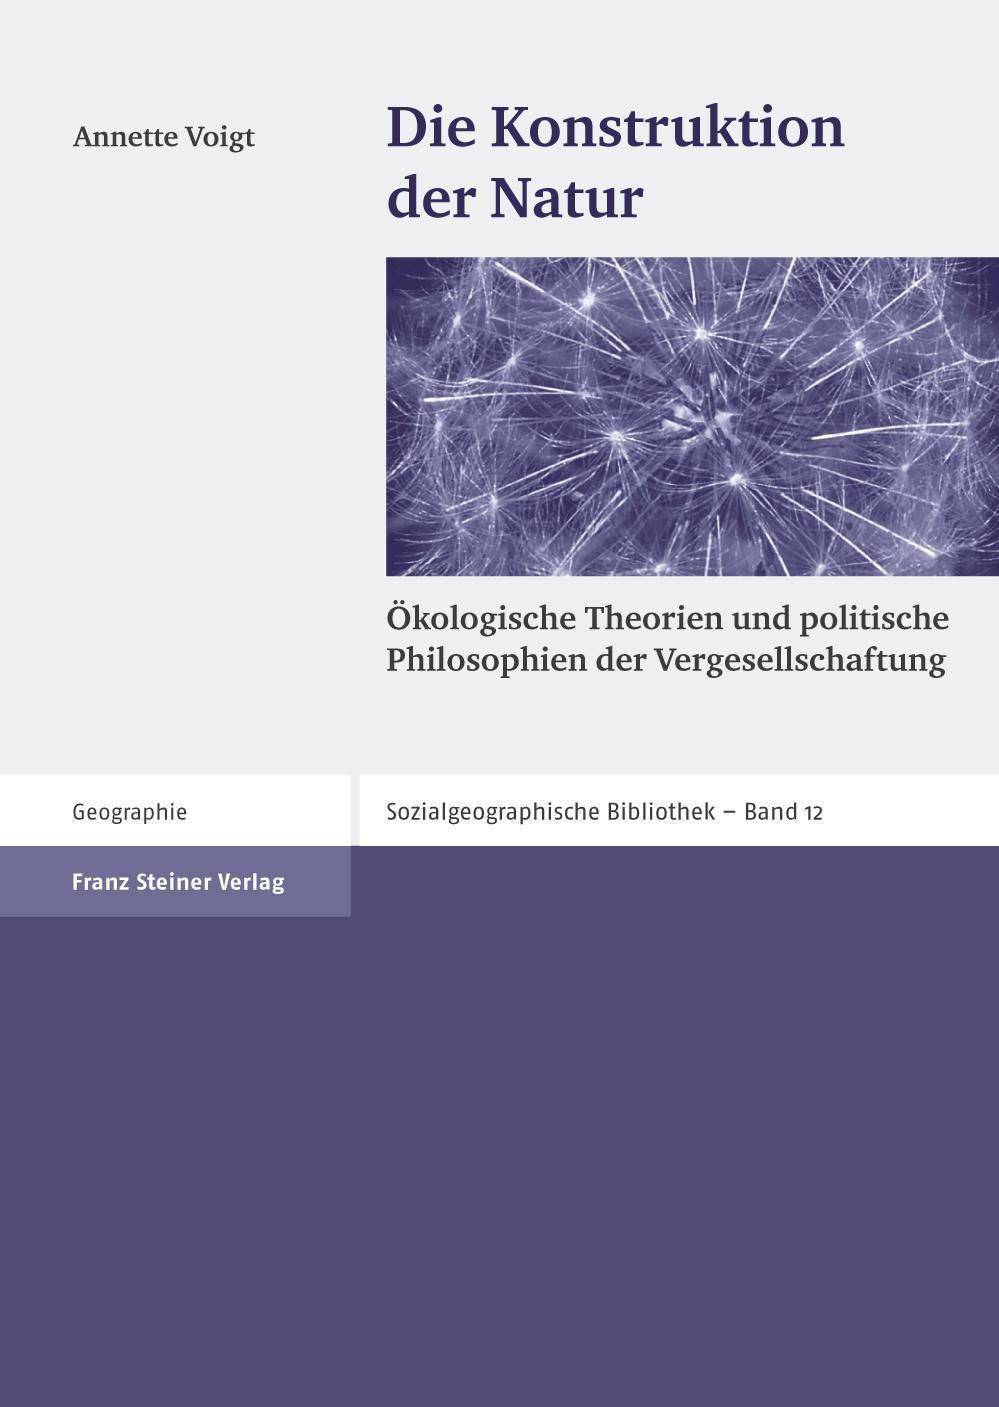 Die Konstruktion der Natur Ökologische Theorien und politische Philosophien der Vergesellschaftung